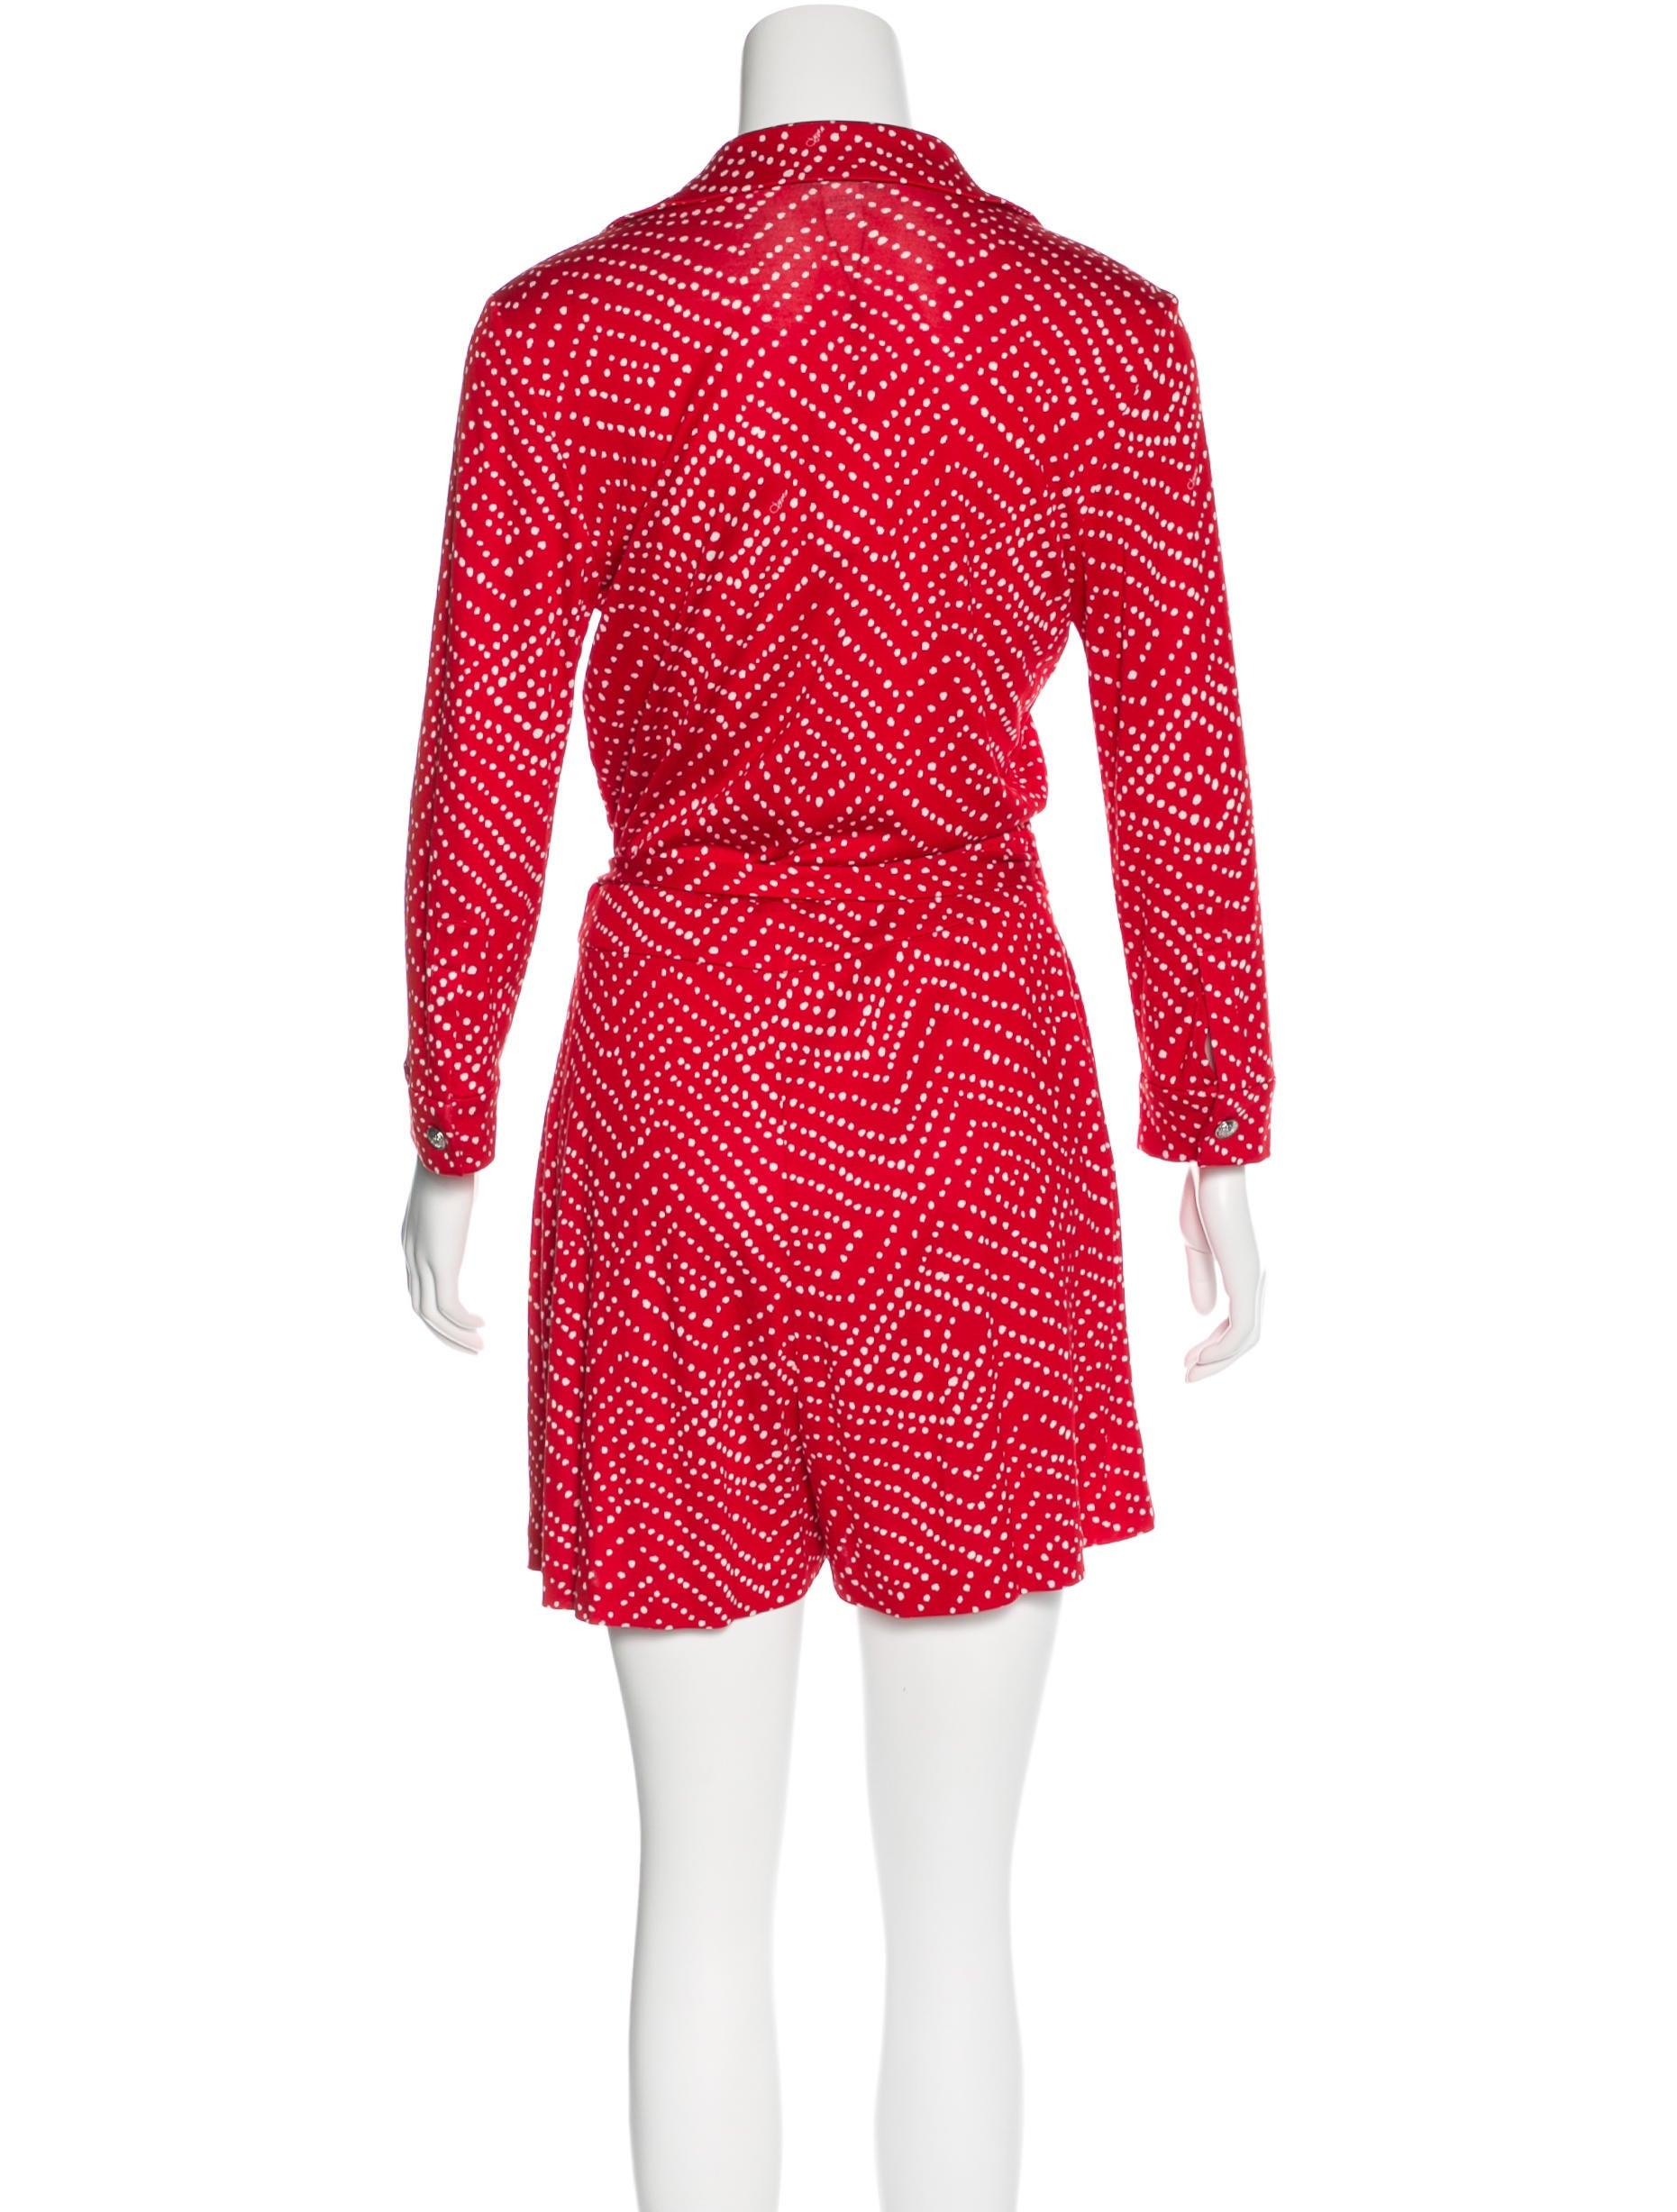 Diane von Furstenberg Polka Dot Wrap Romper w/ Tags - Clothing - WDI81020 | The RealReal